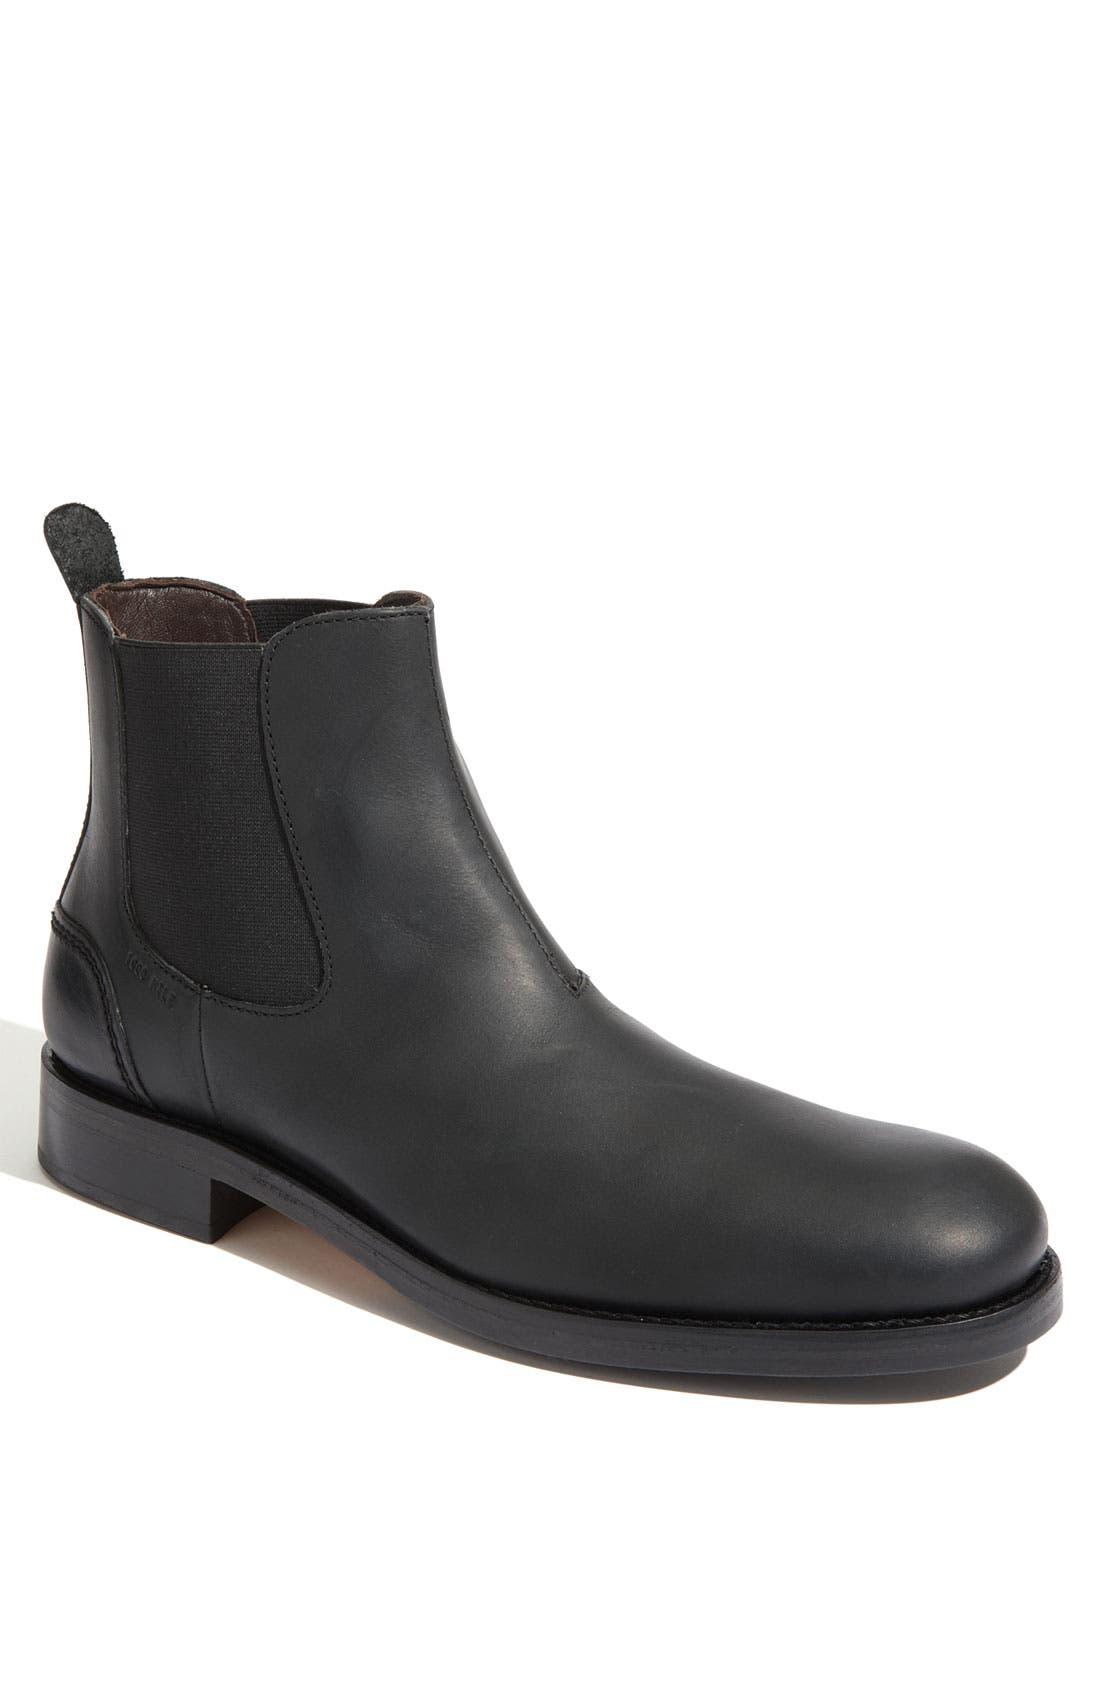 Montague Chelsea Boot,                         Main,                         color, 001